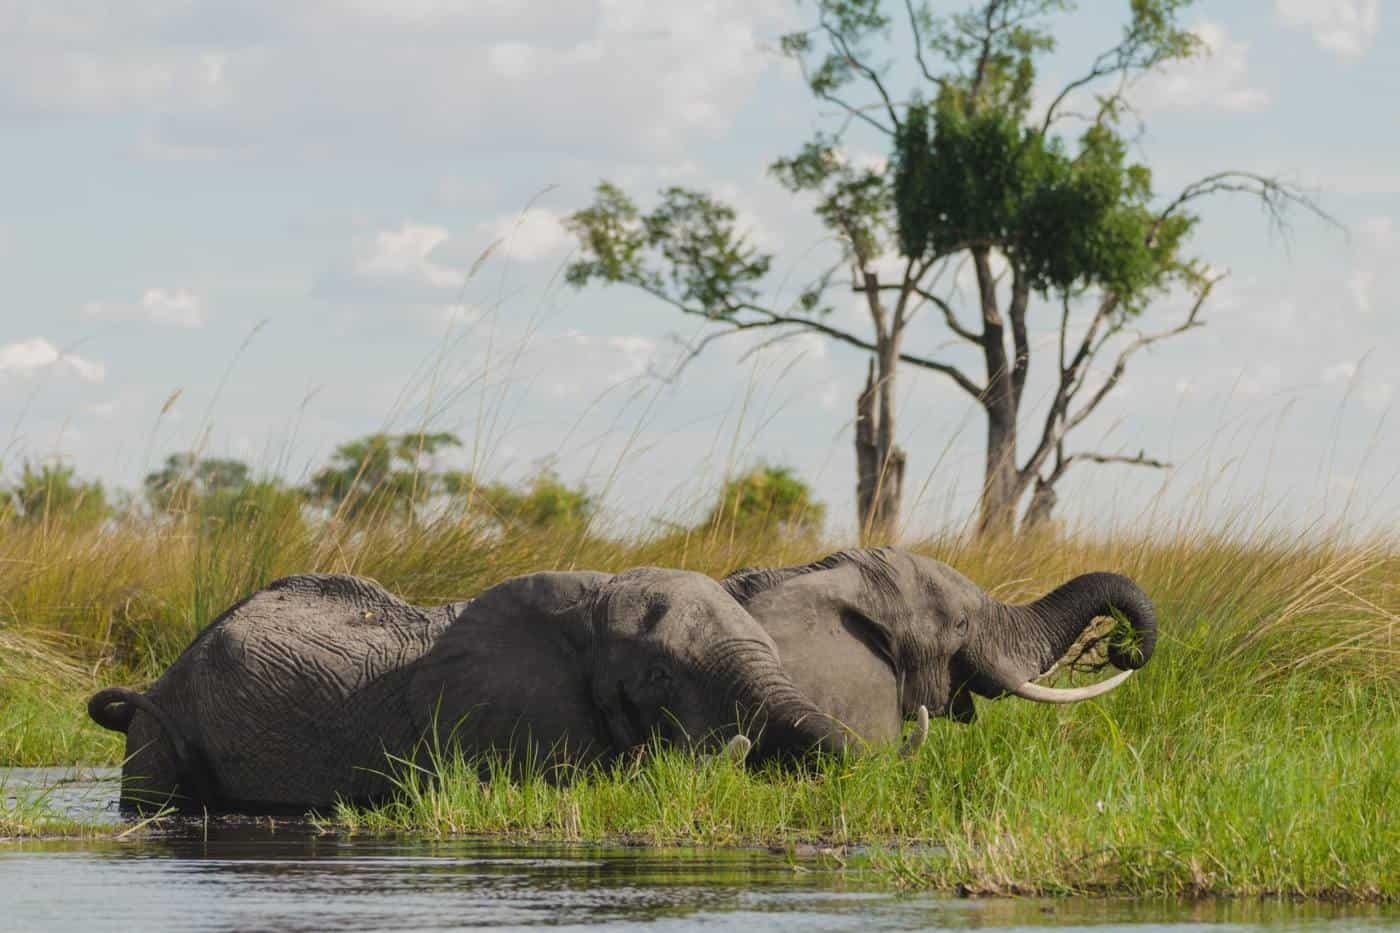 Elephant in the Okavango Delta Botswana safari